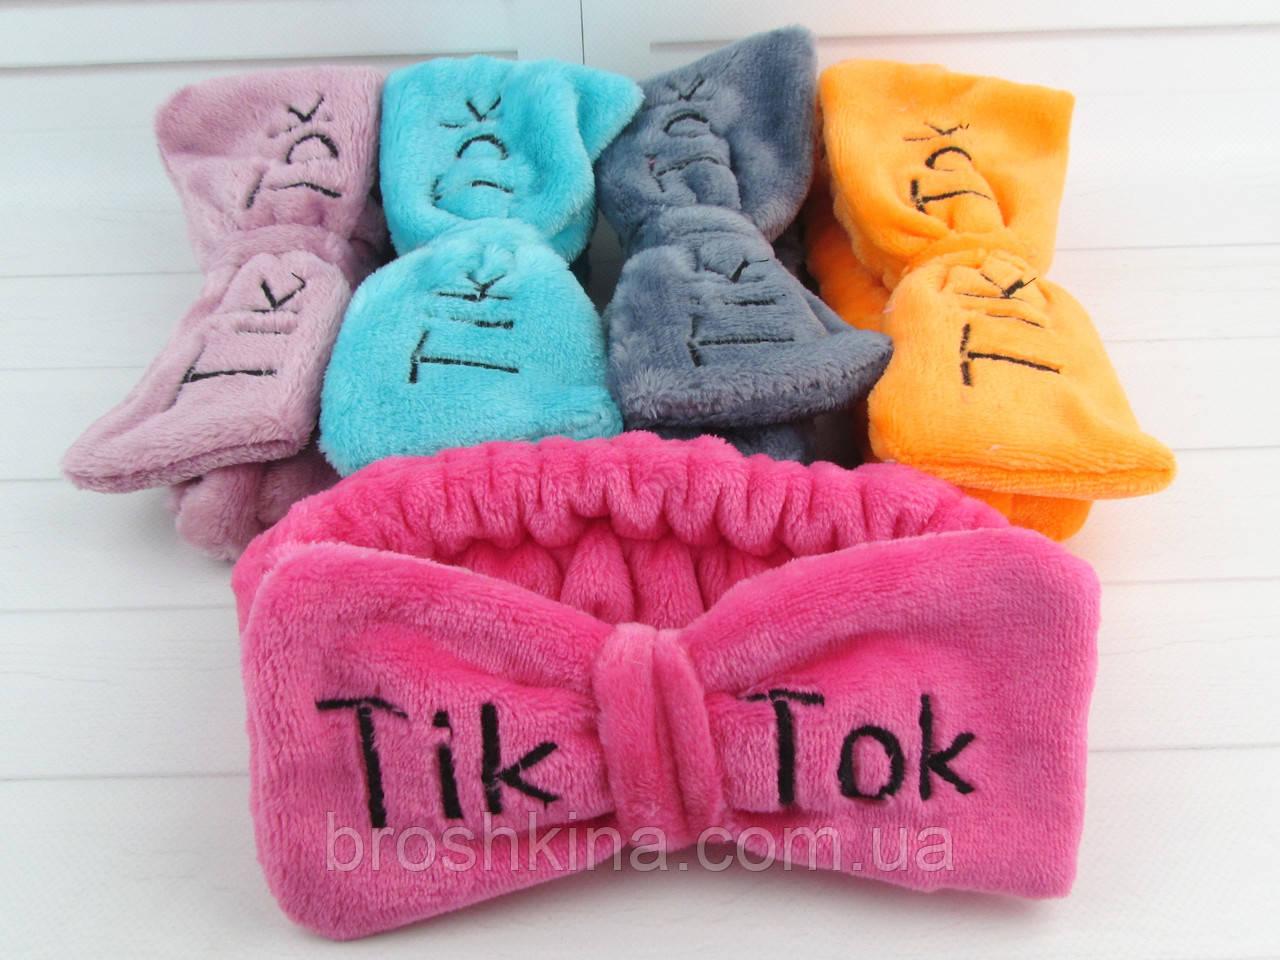 Повязки для умывания махровые Тik Tok 12 шт/уп. без выбора цвета